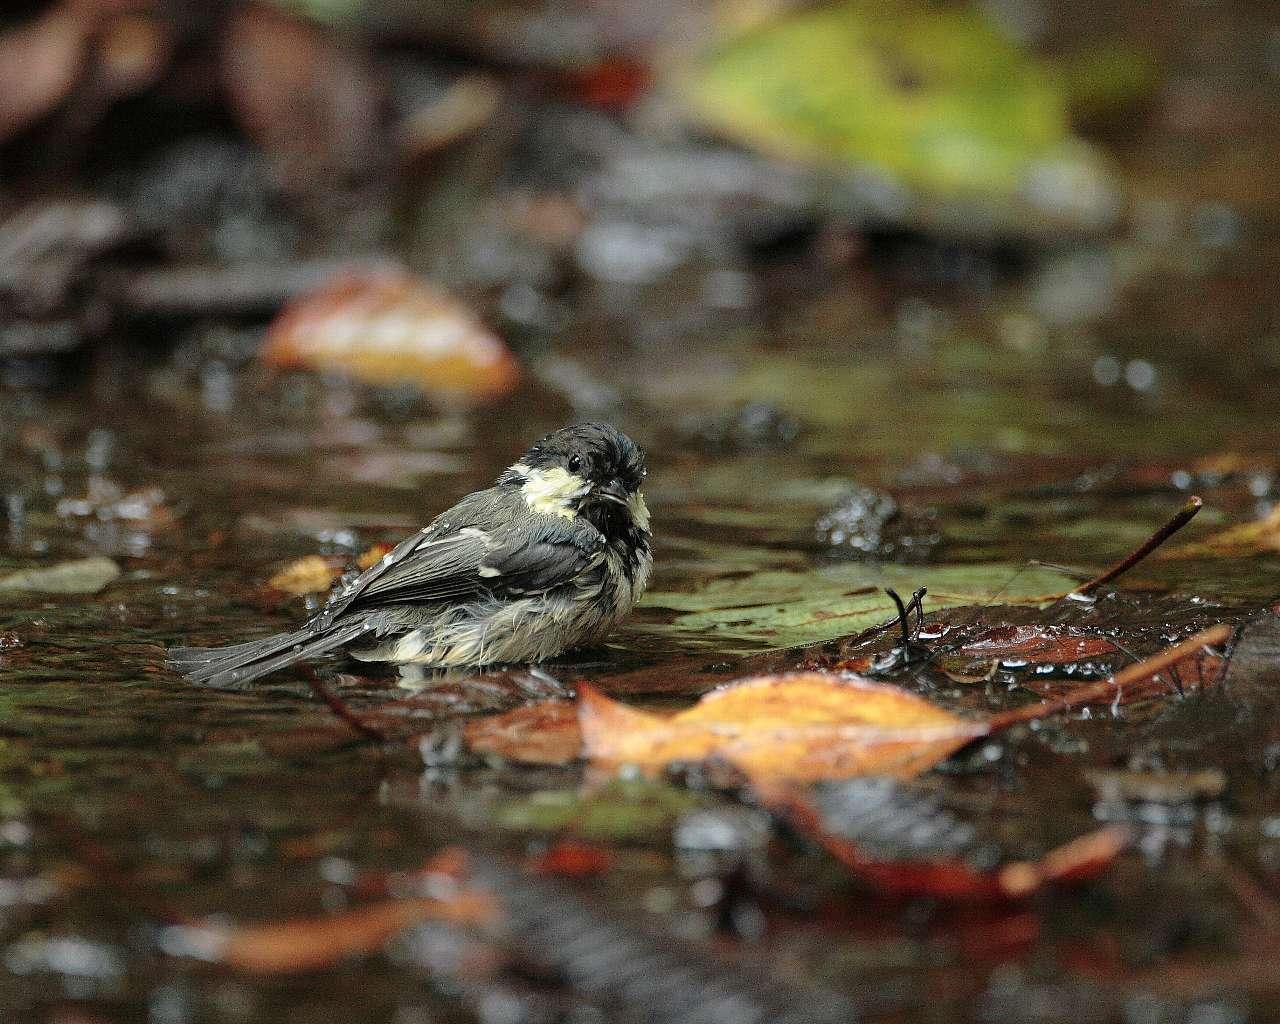 ヒガラの水浴び(秋らしい野鳥の壁紙)_f0105570_23222217.jpg